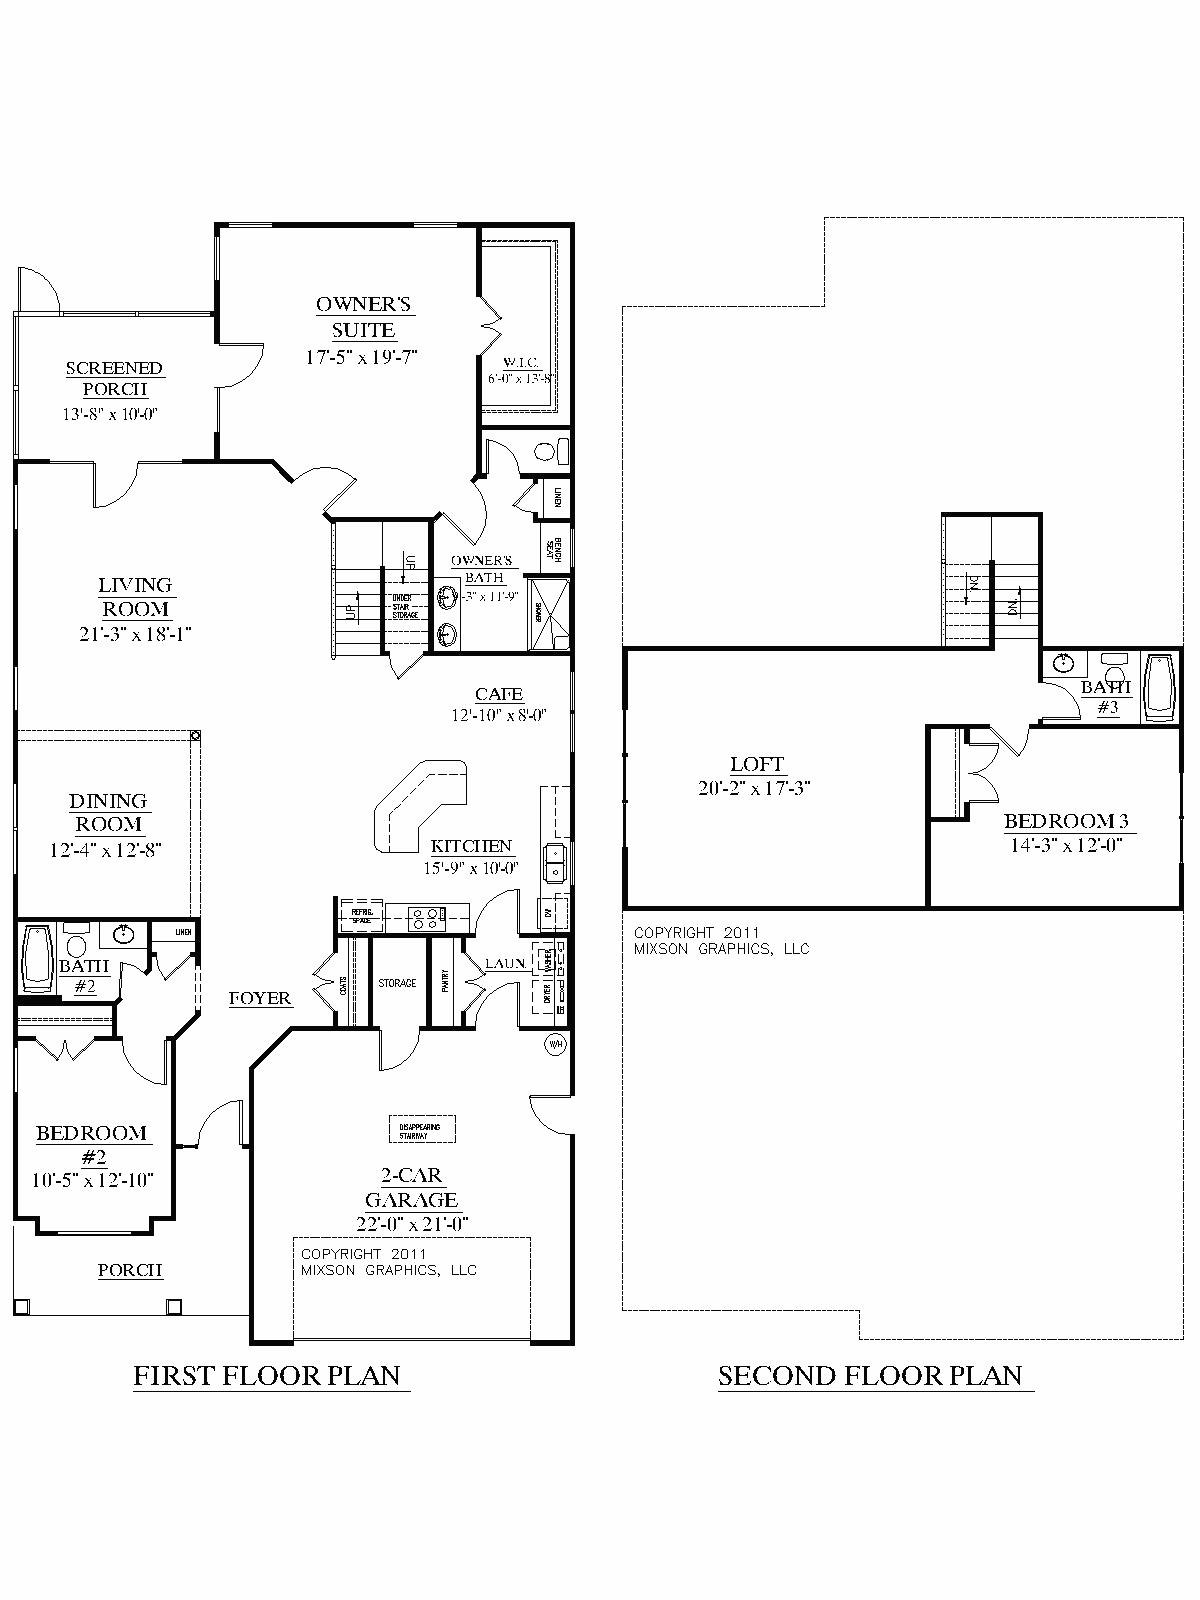 luxury house floor plans gorgeous 6 bedroom house floor plans australia luxury baby nursery house